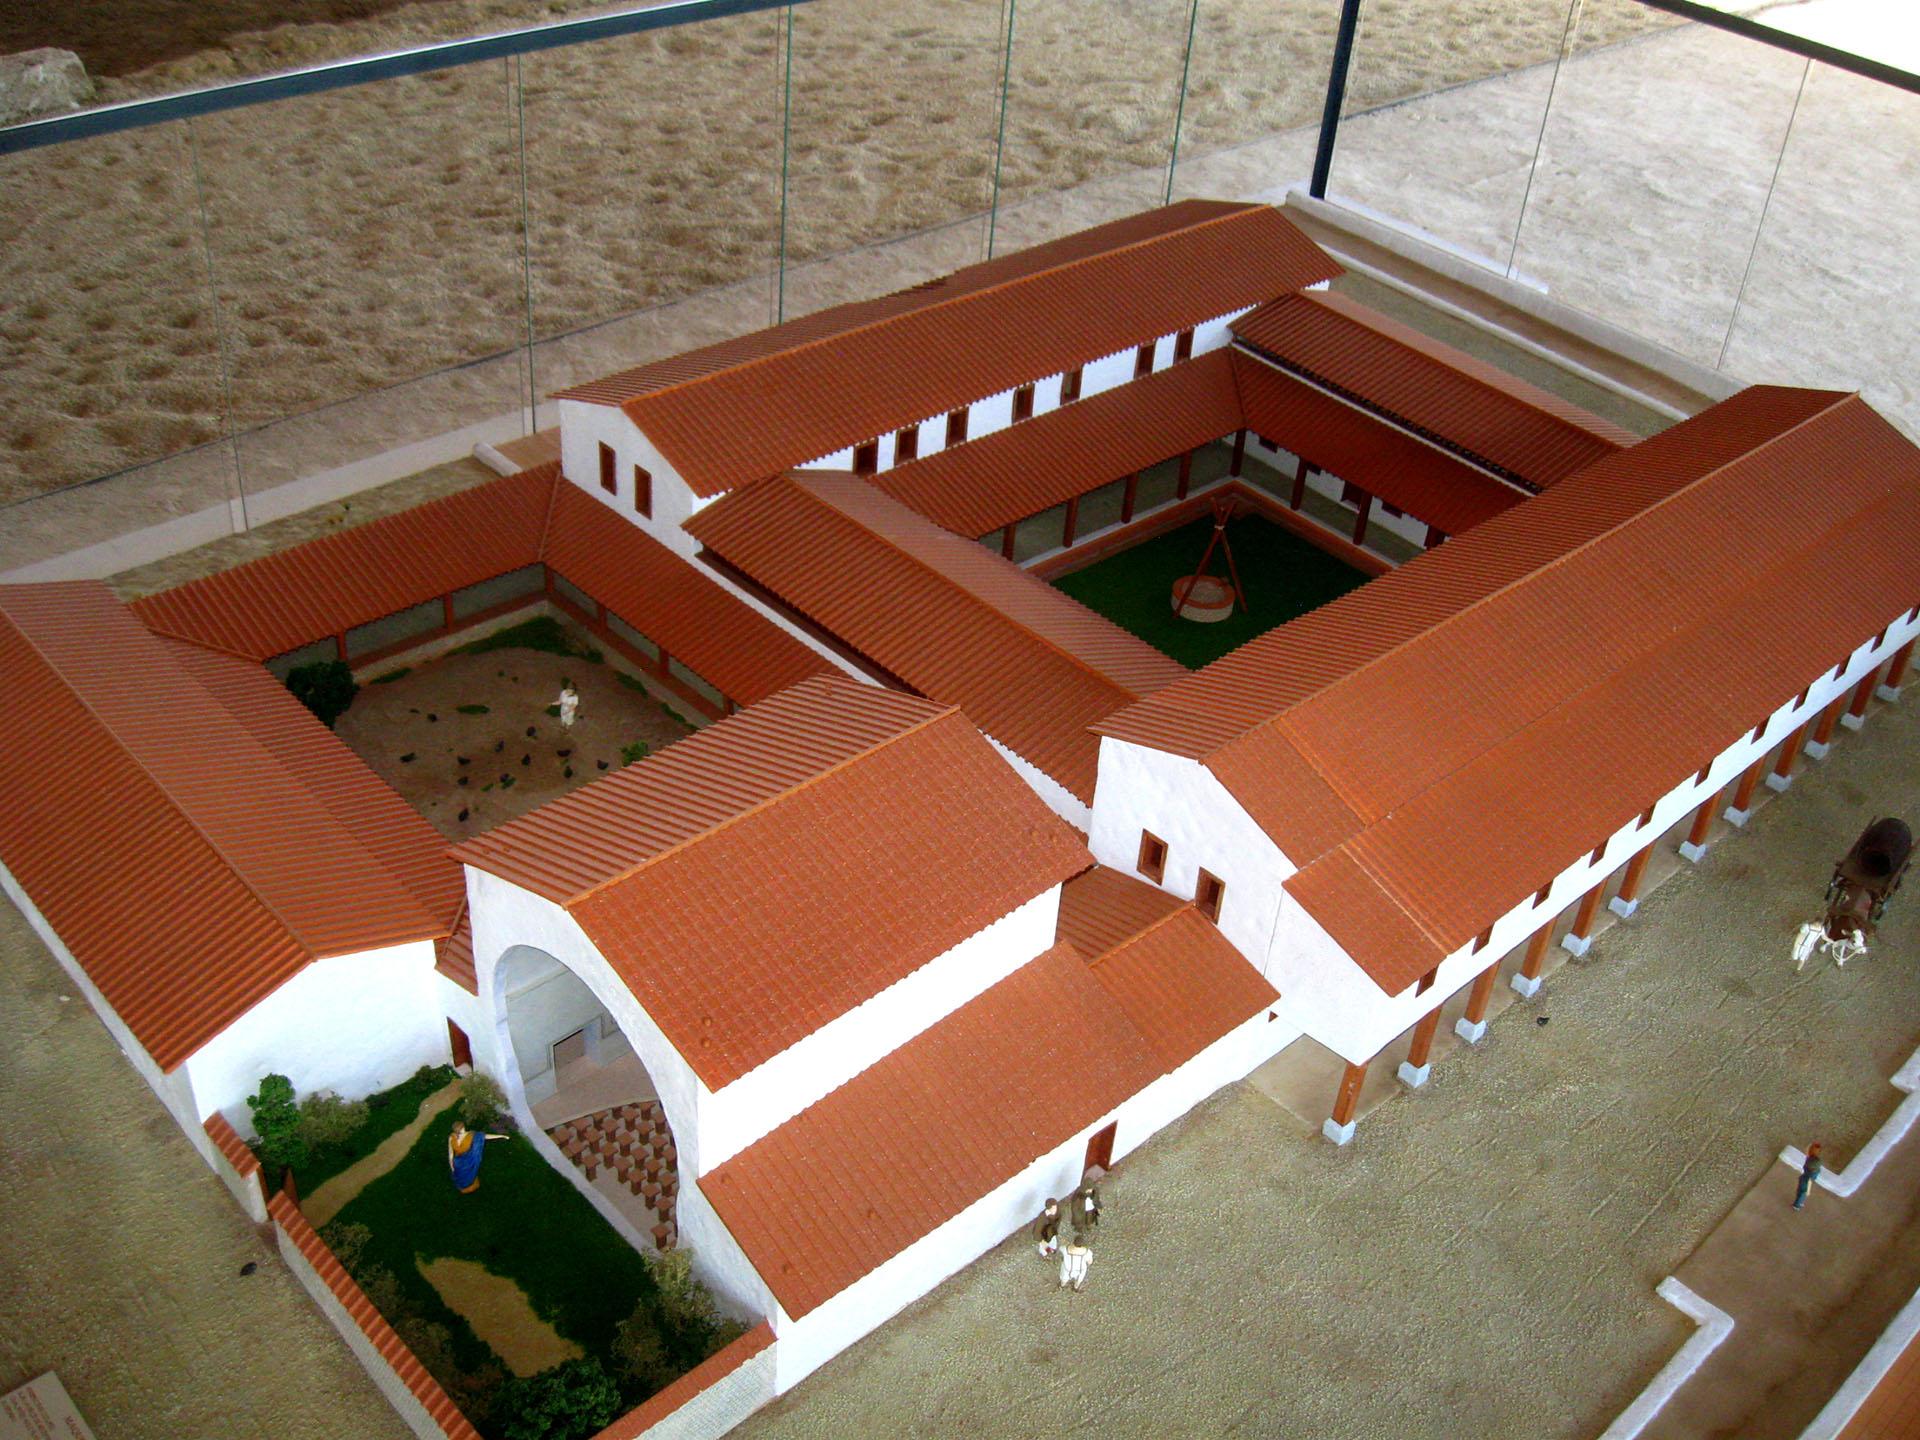 Aof maquettes domus d elusa sivu p le arch ologique for Domus address